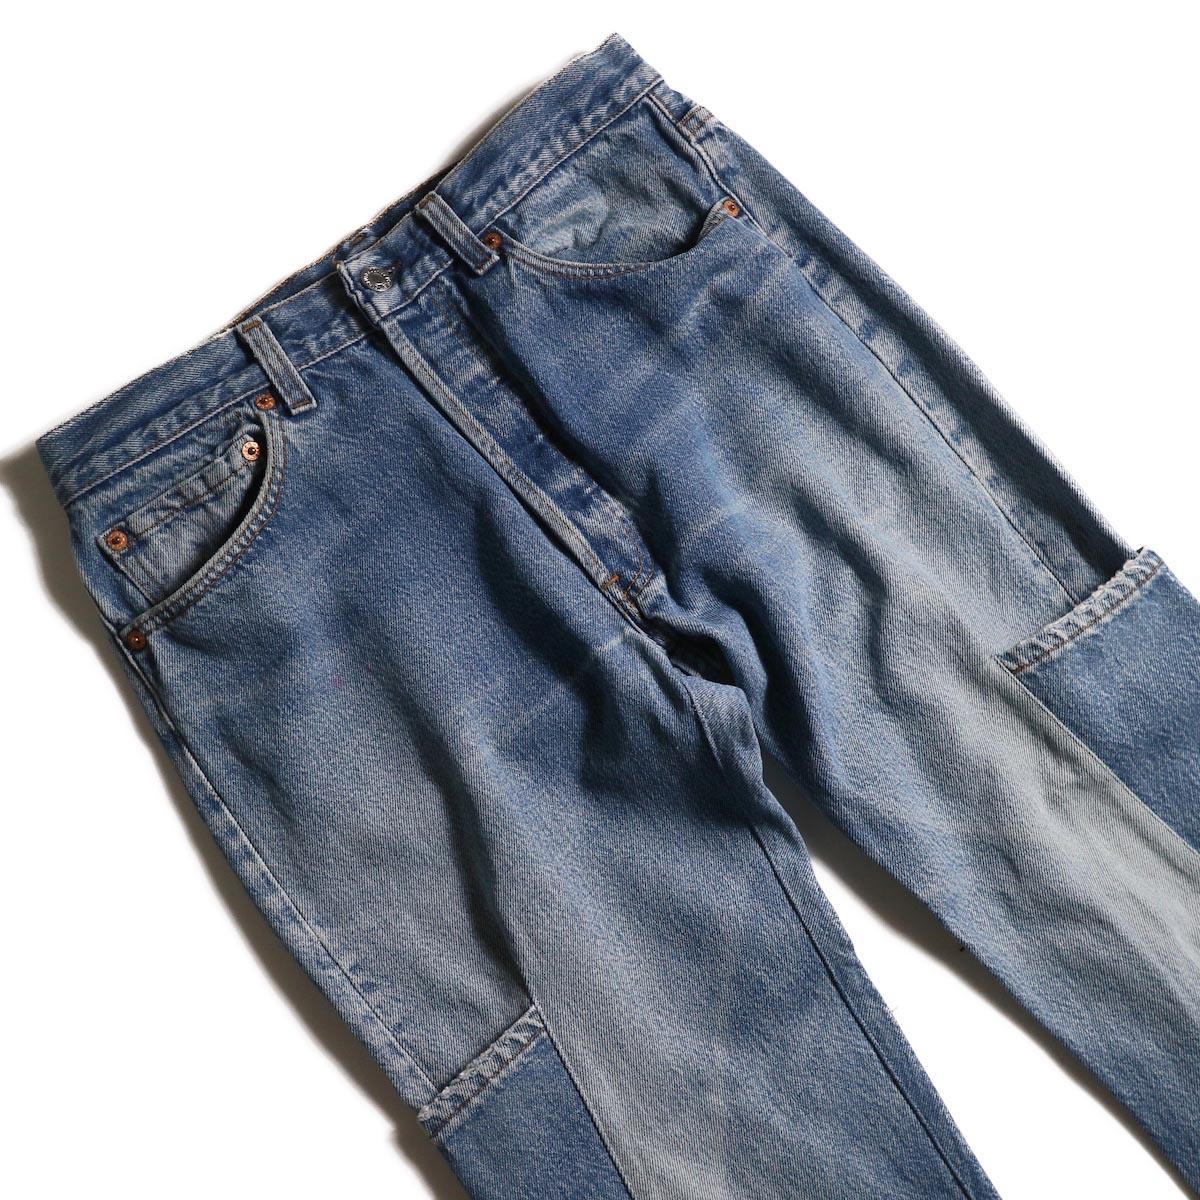 OLD PARK / 7Pocket Jeans -Blue (Msize-A)ウエスト